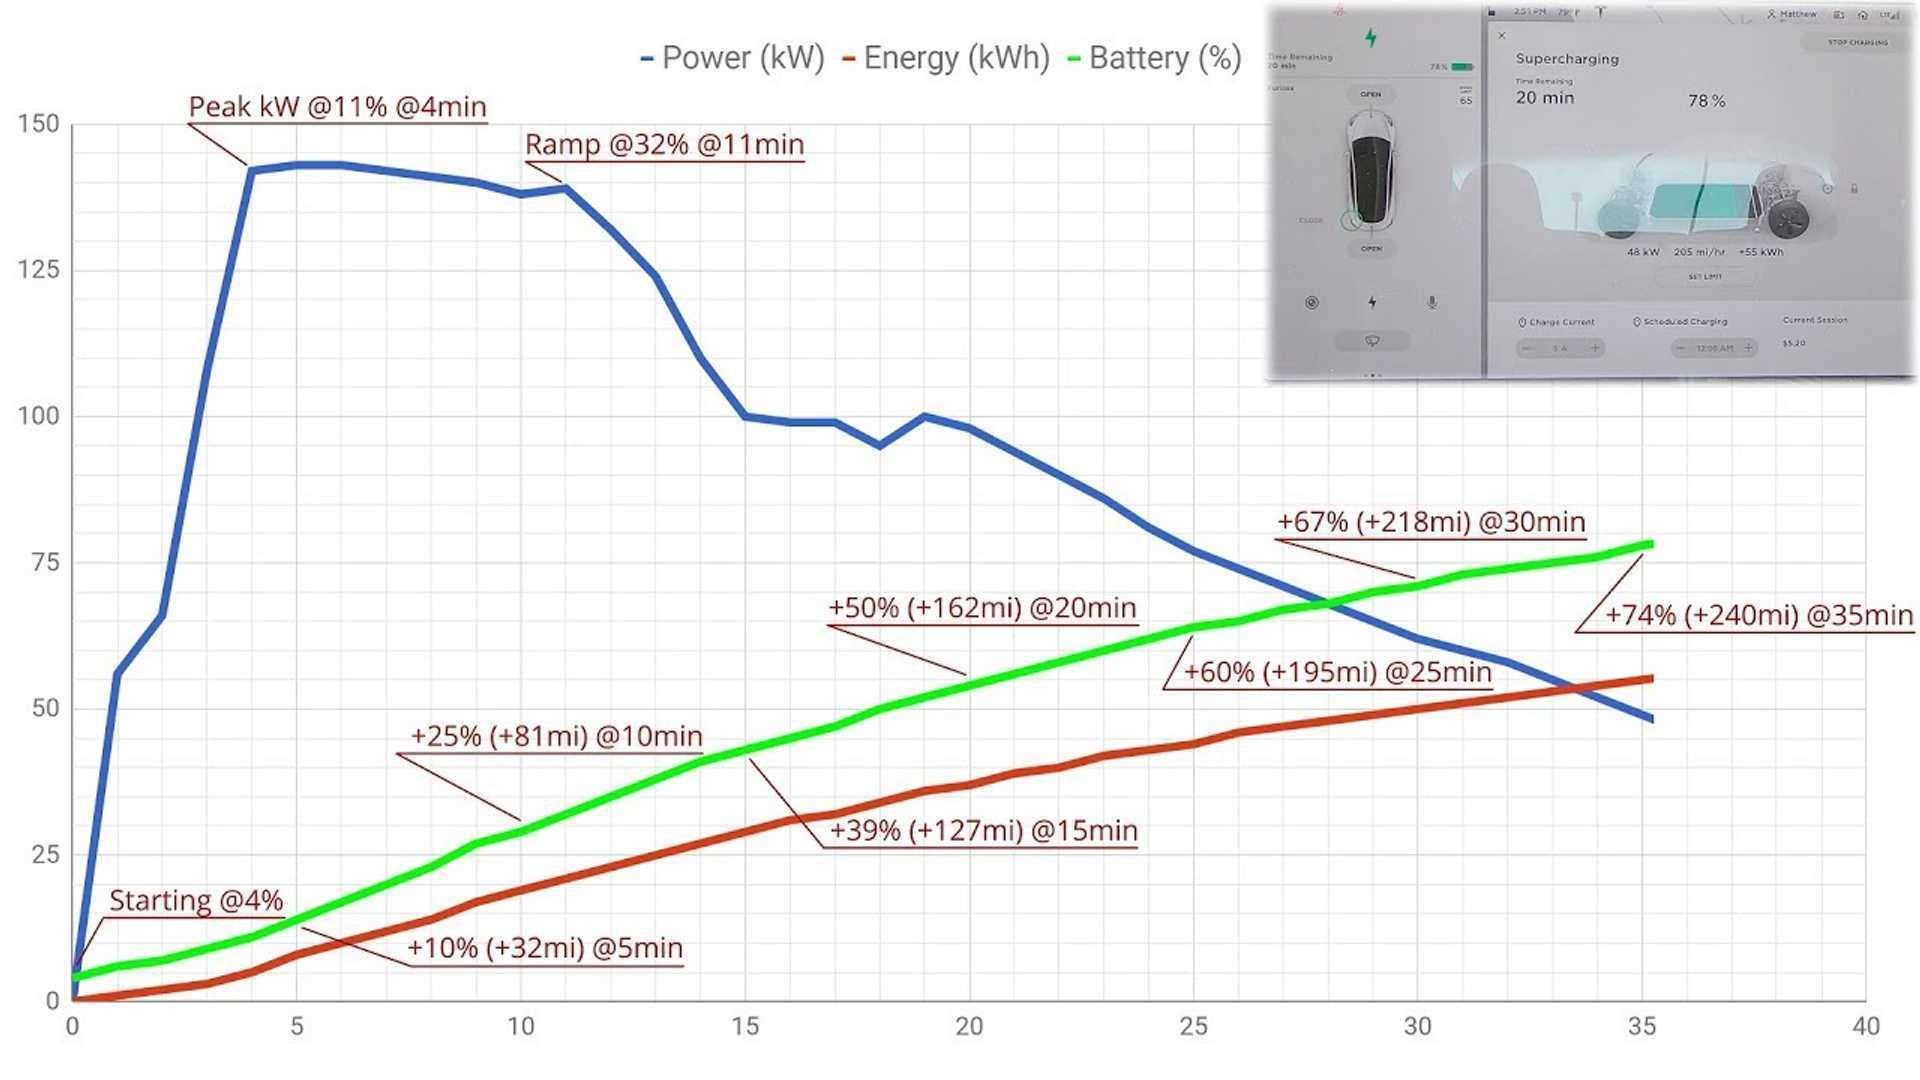 Tesla Model 3 Supercharging At V2 (150 kW): Video